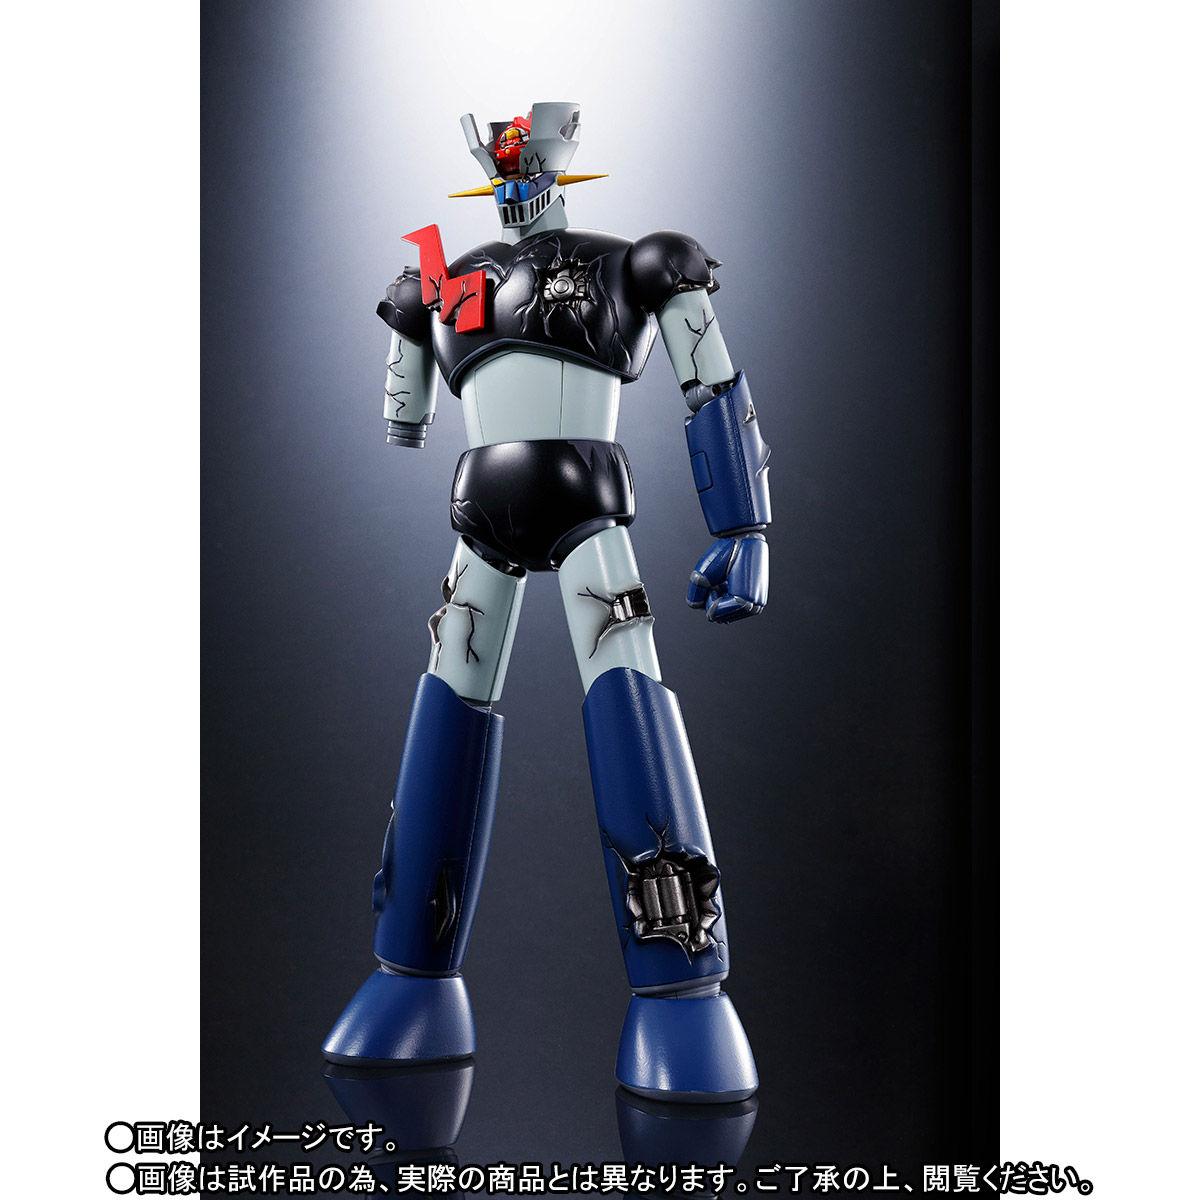 超合金魂 GX-70SPD『マジンガーZ D.C.ダメージver. アニメカラー』可動フィギュア-003